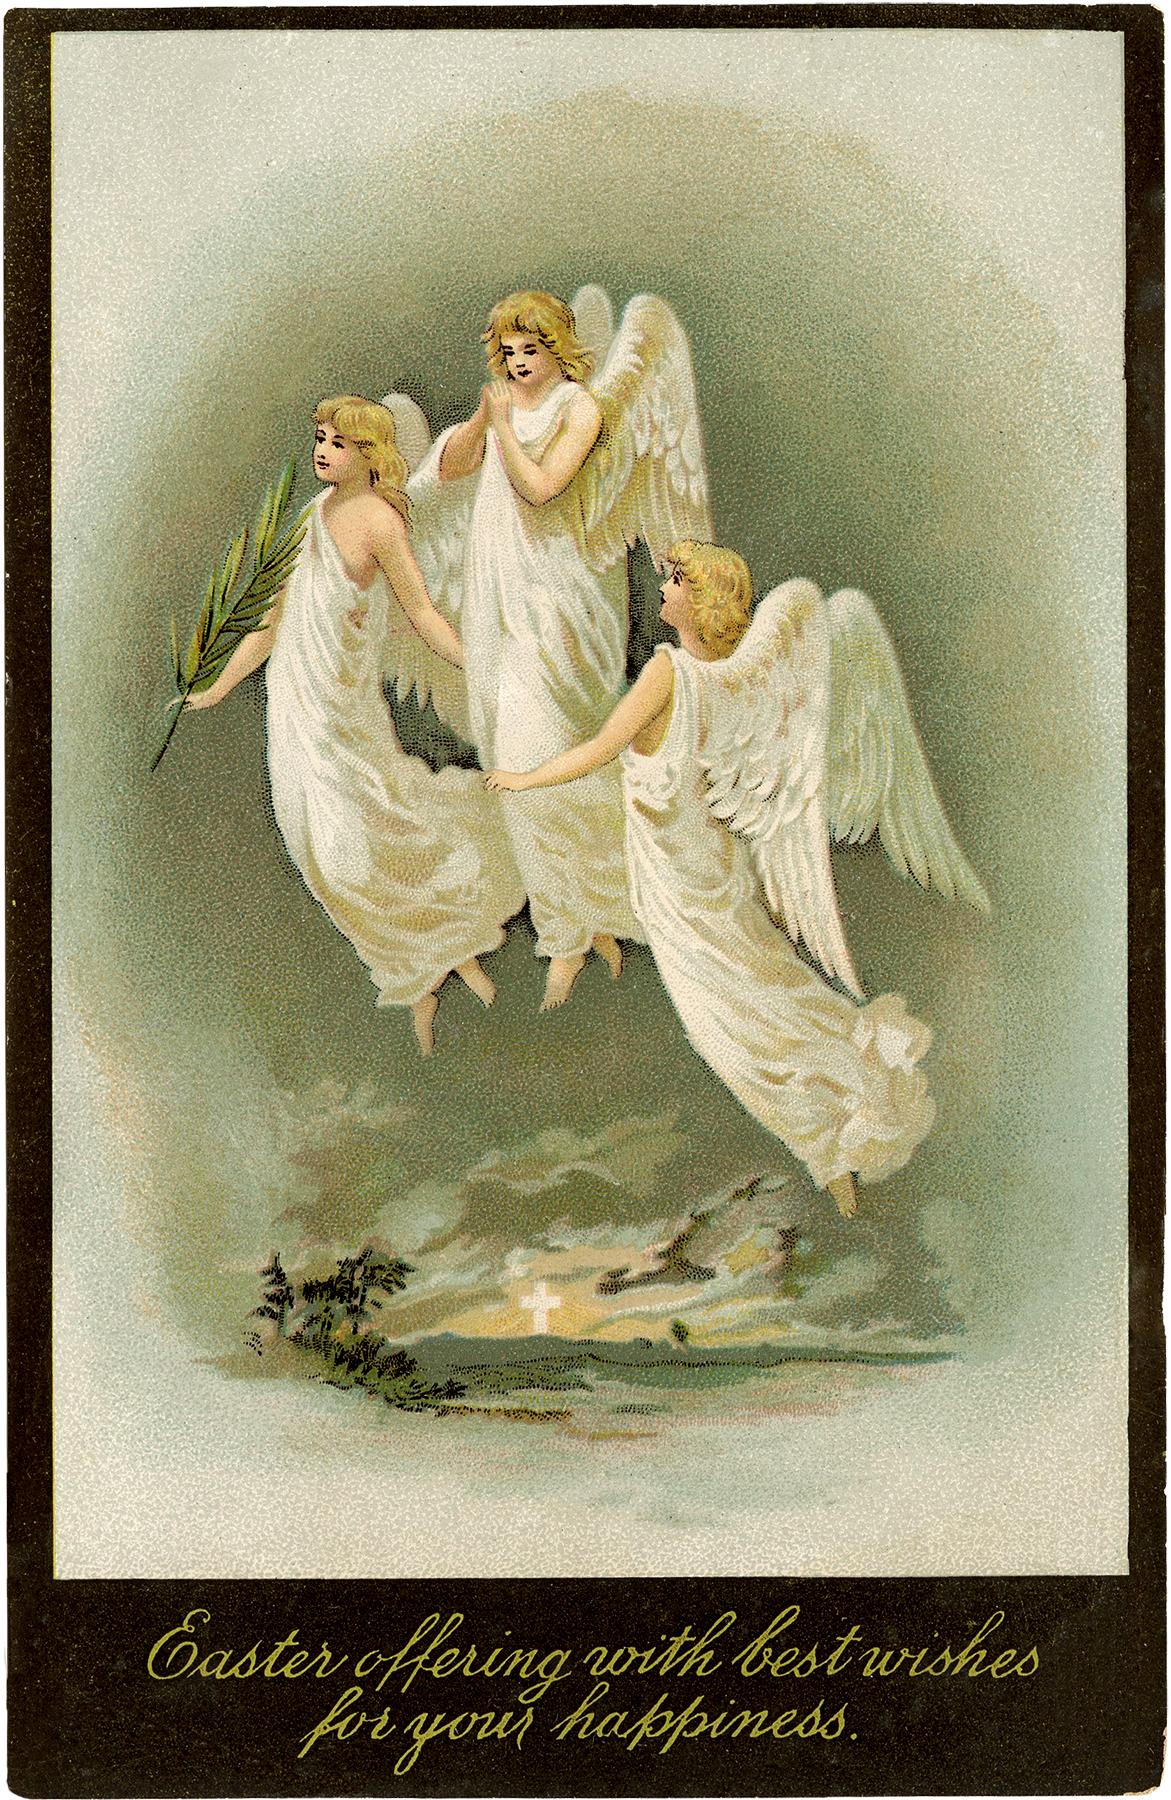 Vintage Easter Angels Image